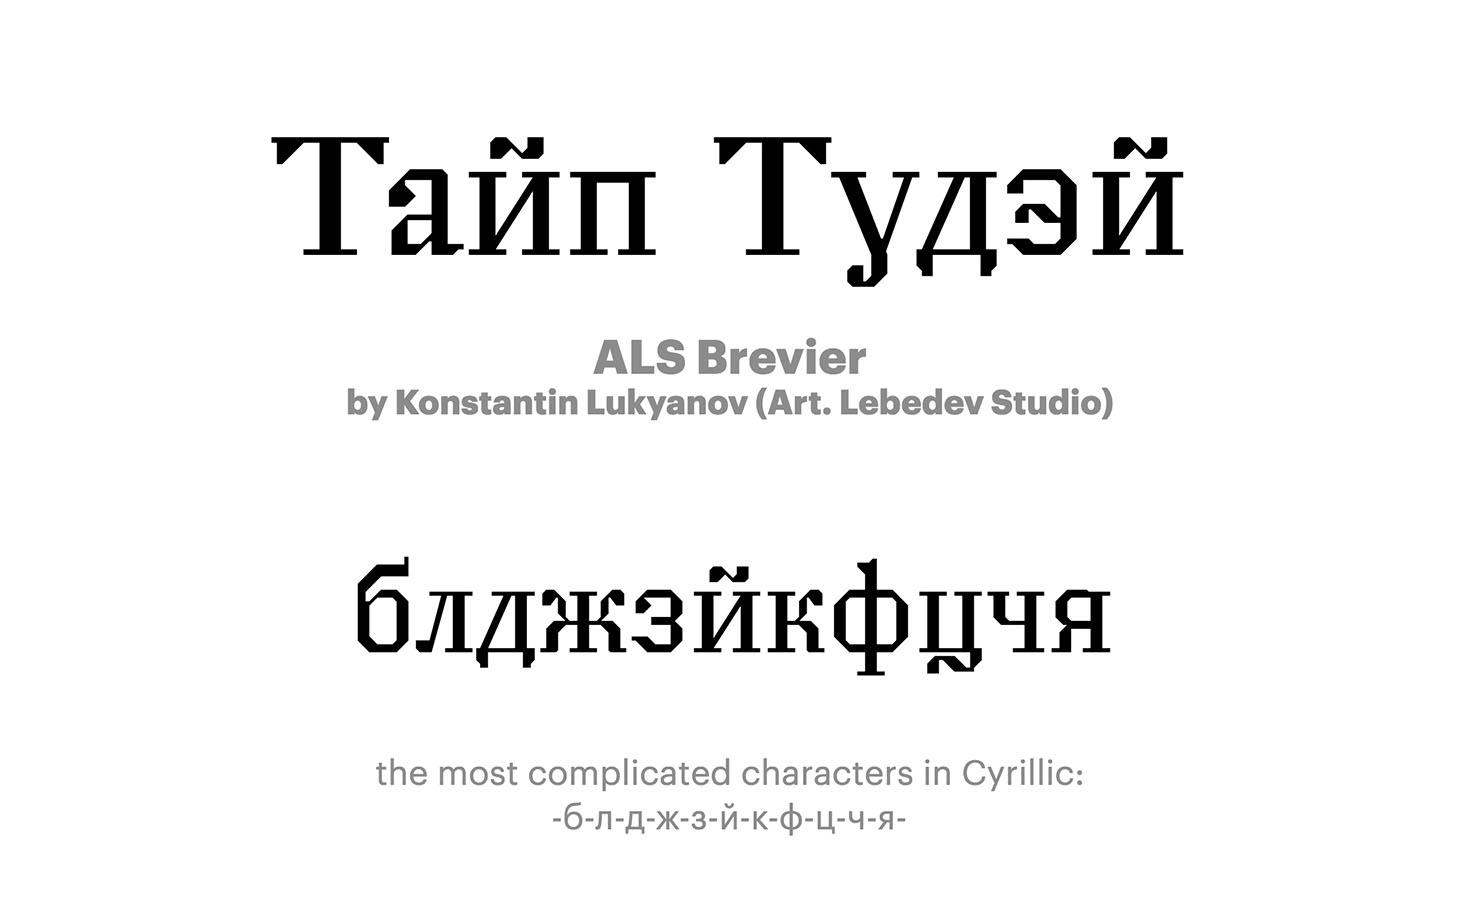 ALS-Brevier